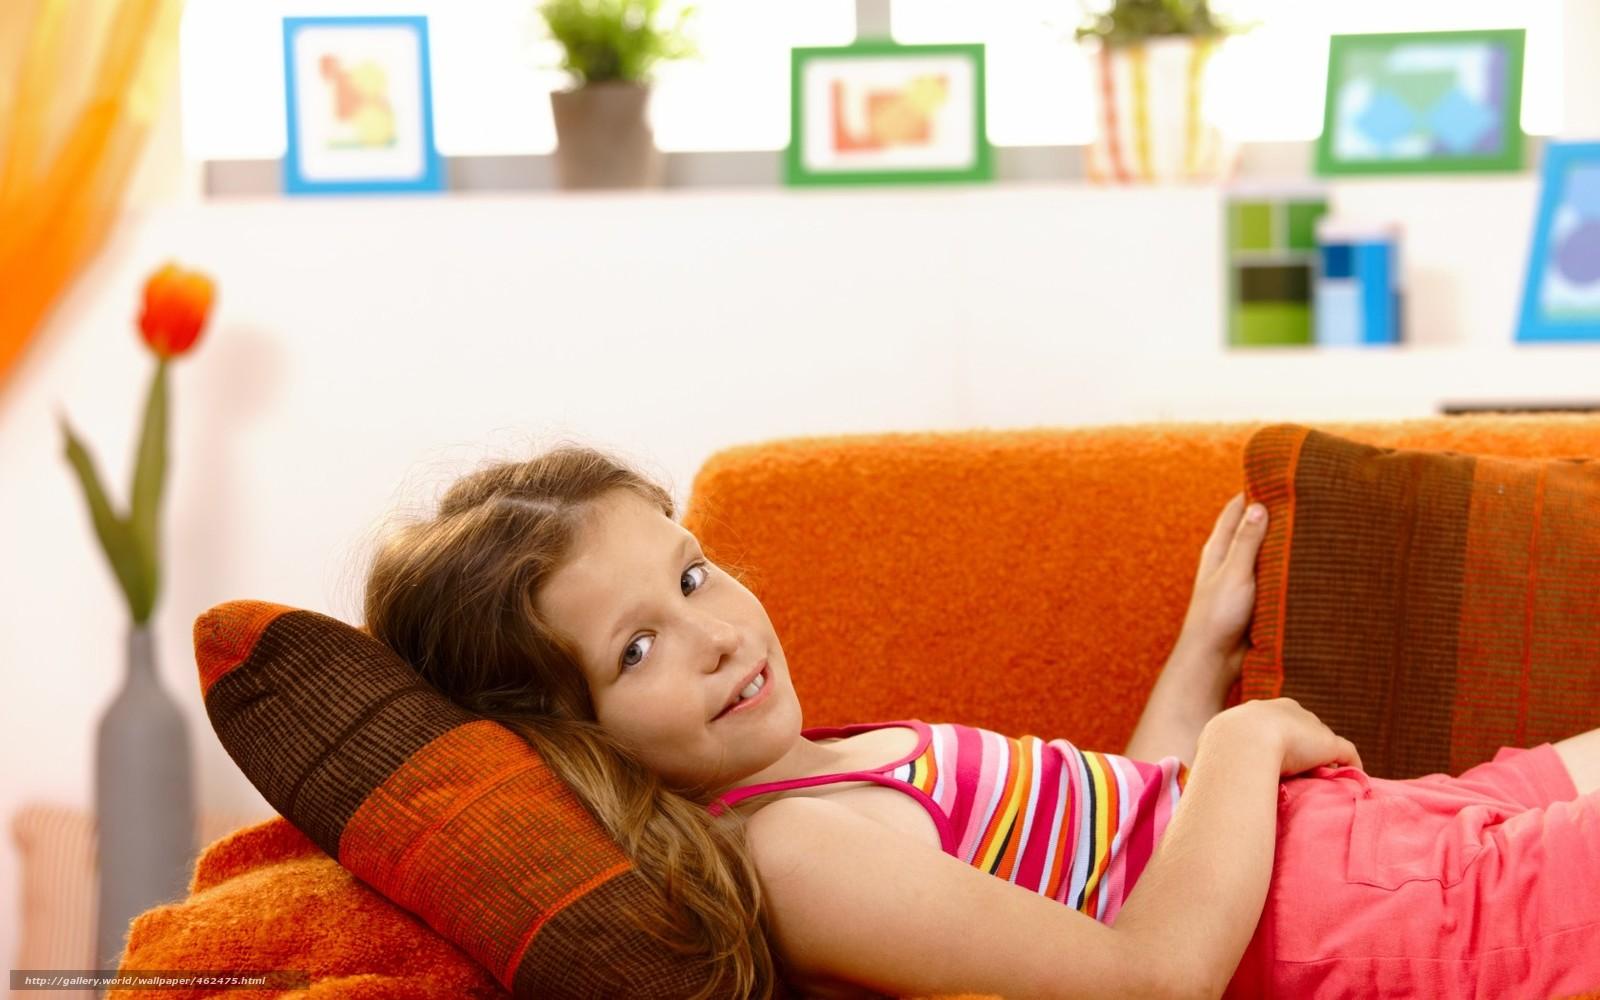 Фото девочка на диване 8 фотография